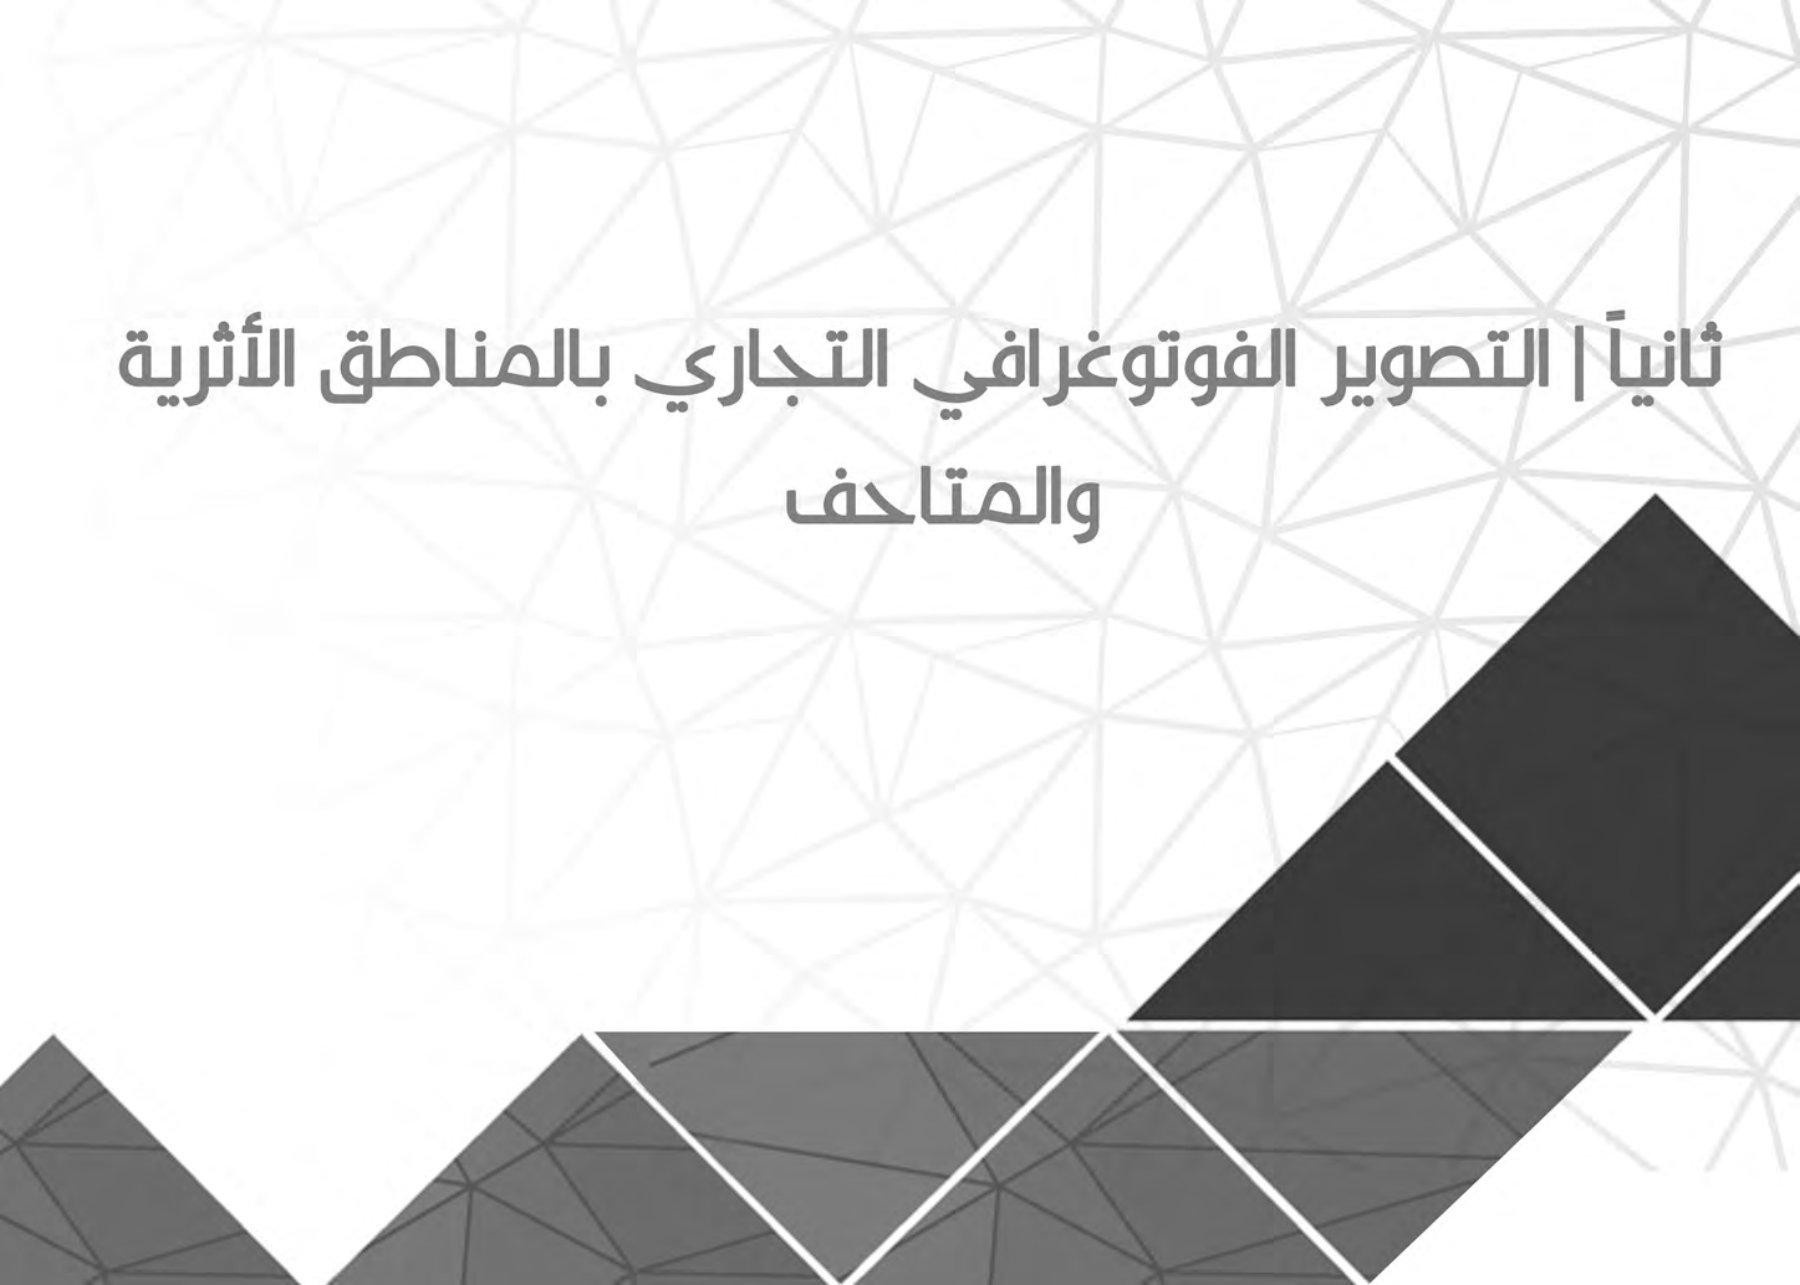 d37ccb57-1407-43fc-af69-cdece08d6d14